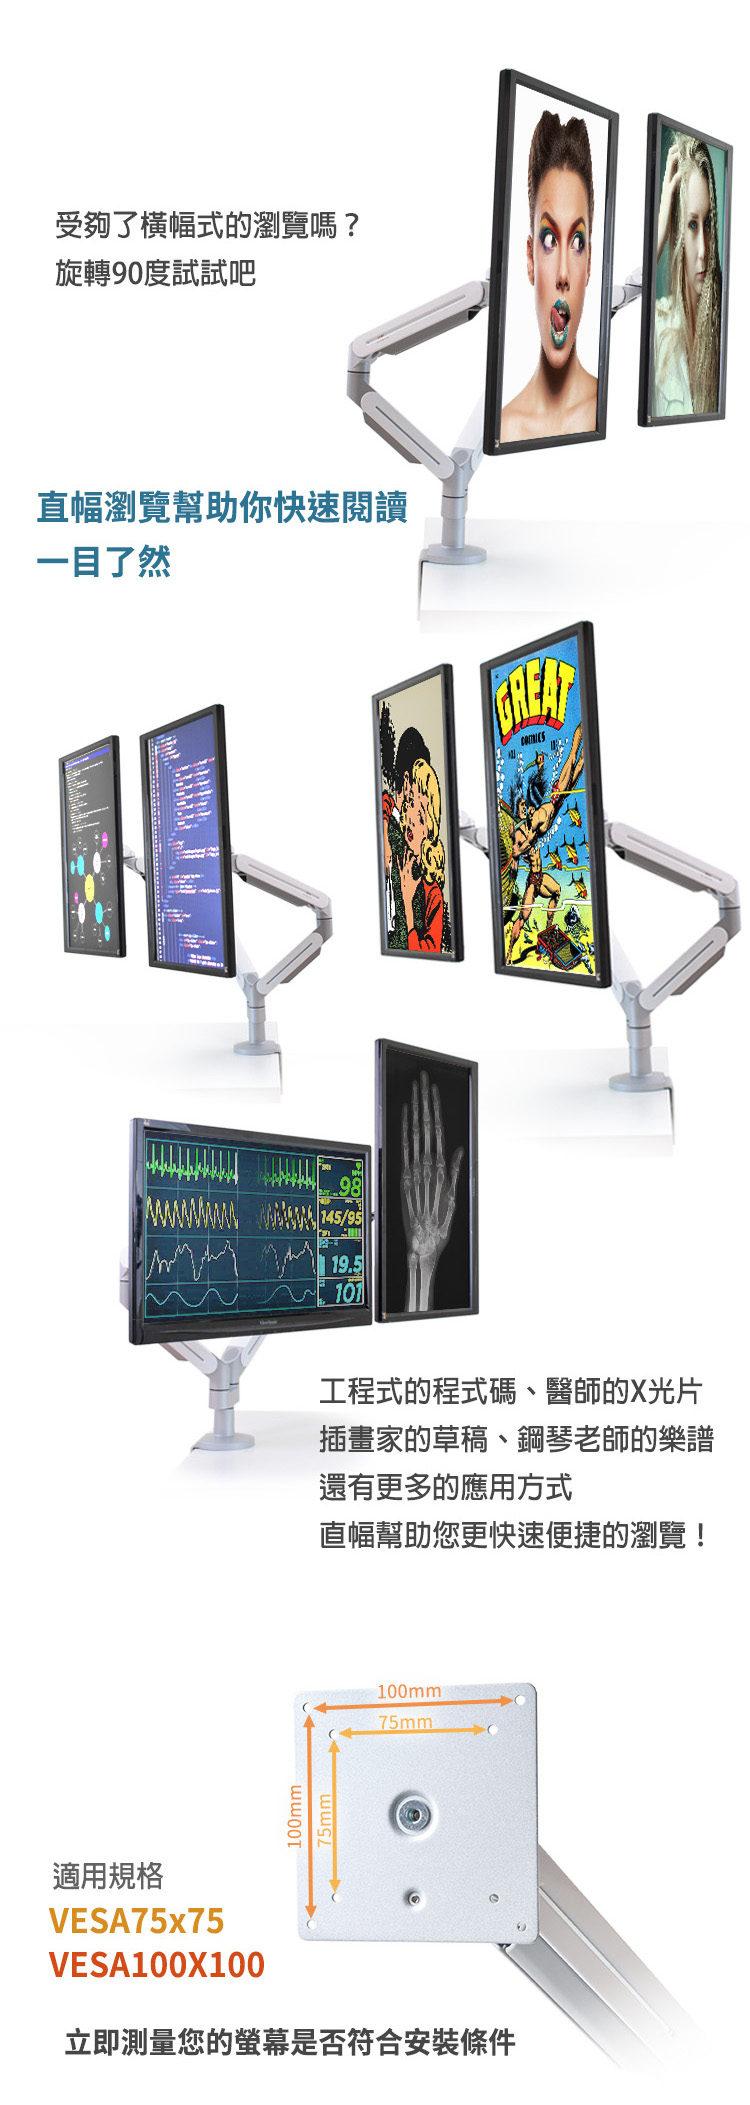 螢幕旋轉90度,直式瀏覽一目了然。醫生的X光片、工程式的程式碼,畫家的草圖,直式瀏覽幫助你提升效率